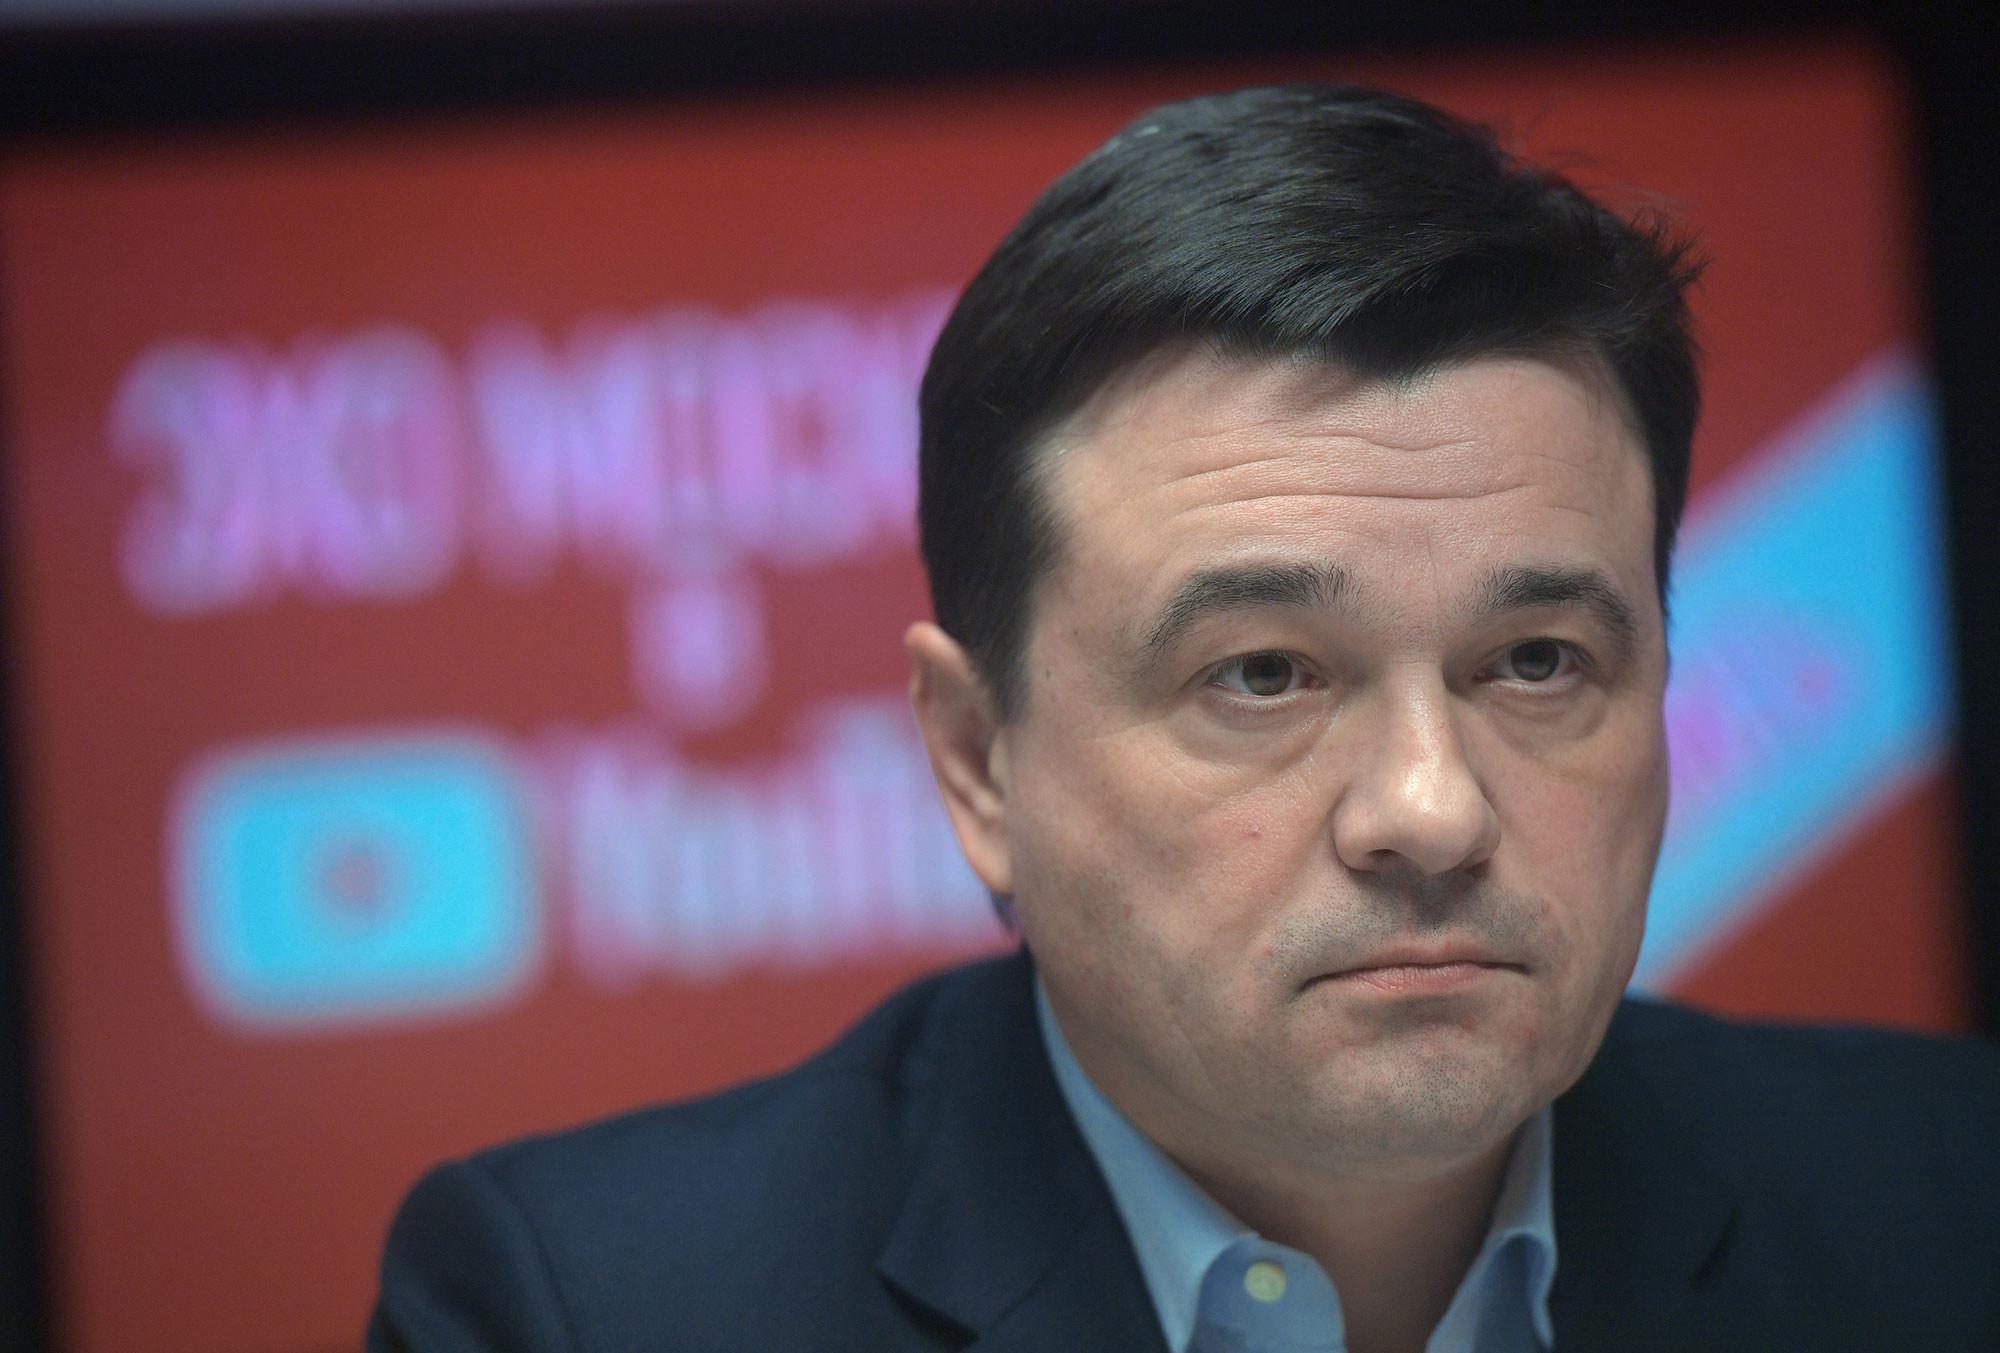 Губернатор Московской области Андрей Воробьёв. Фото: © РИА Новости / Евгений Биятов